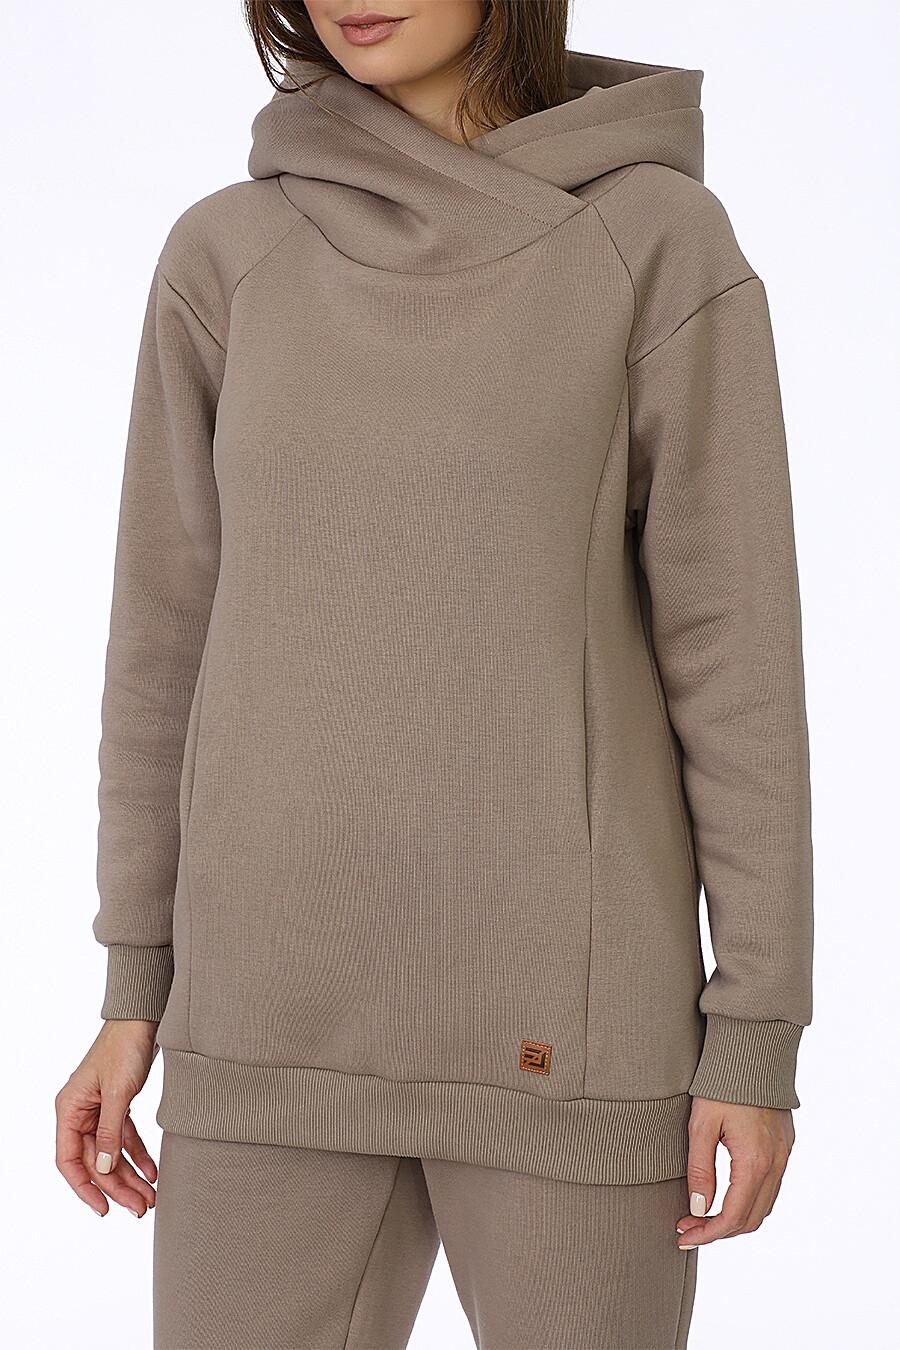 Худи для женщин EZANNA 708512 купить оптом от производителя. Совместная покупка женской одежды в OptMoyo